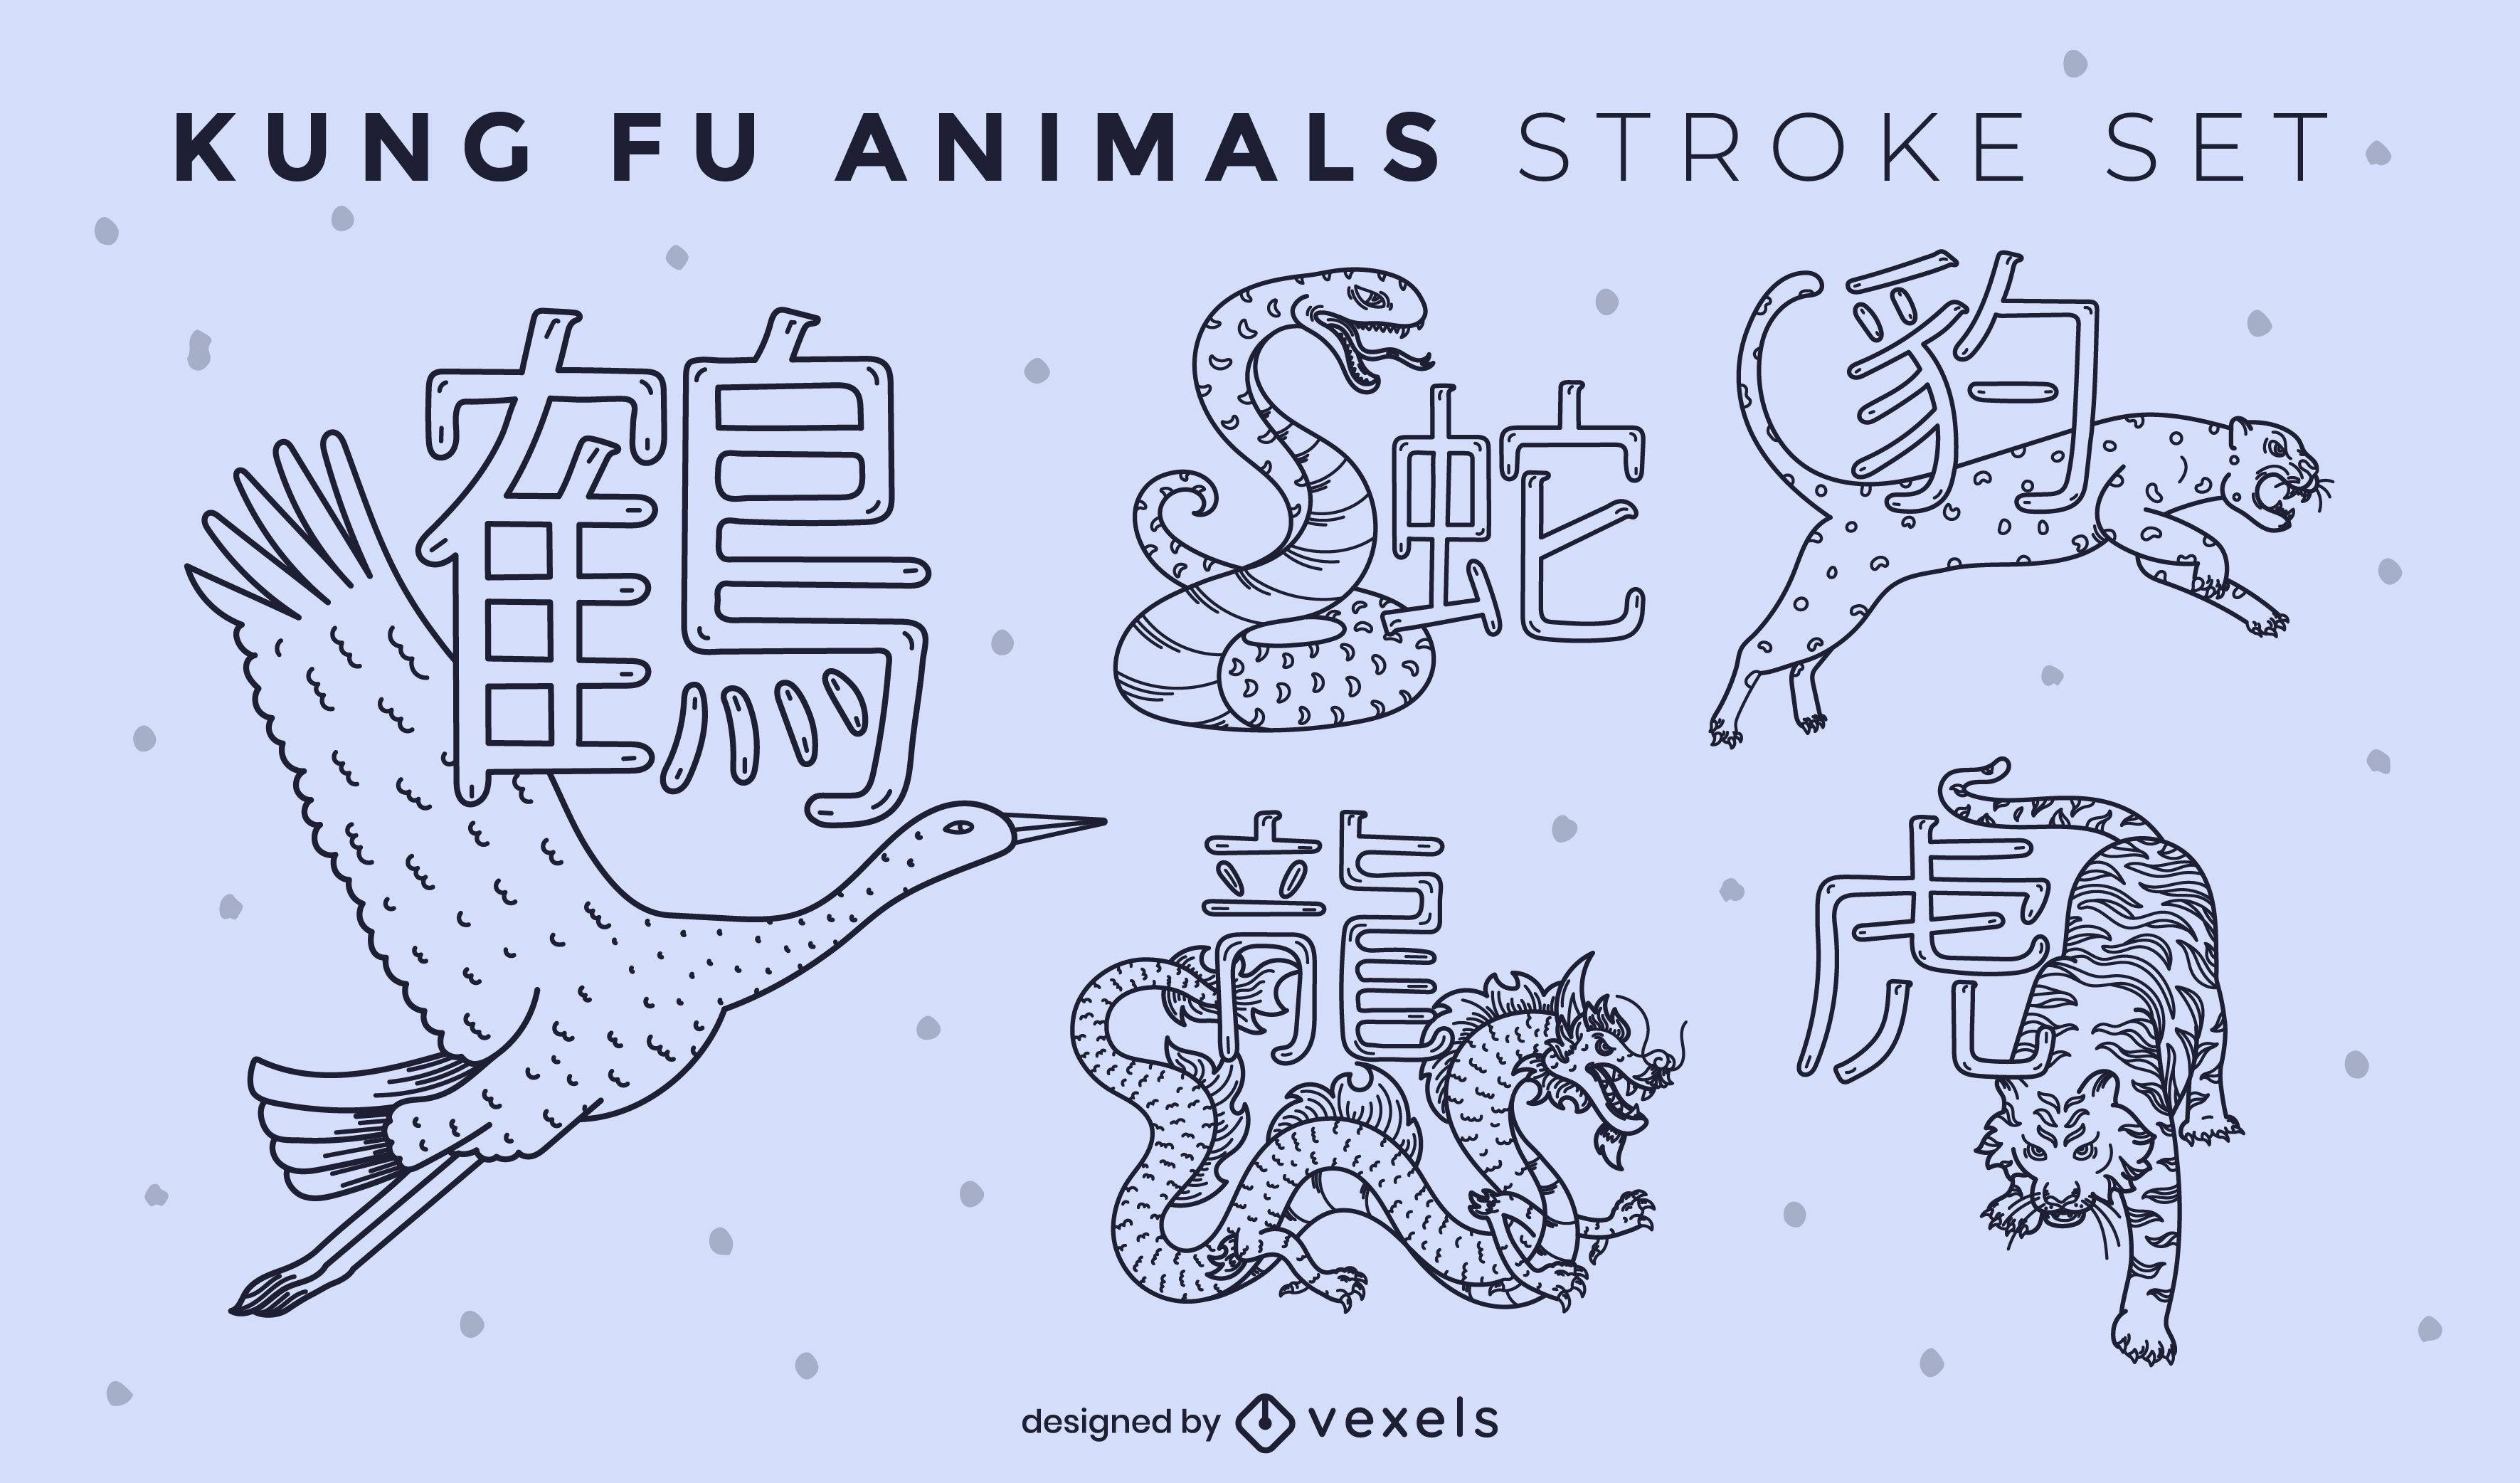 Conjunto de golpes de kung fu de animais selvagens